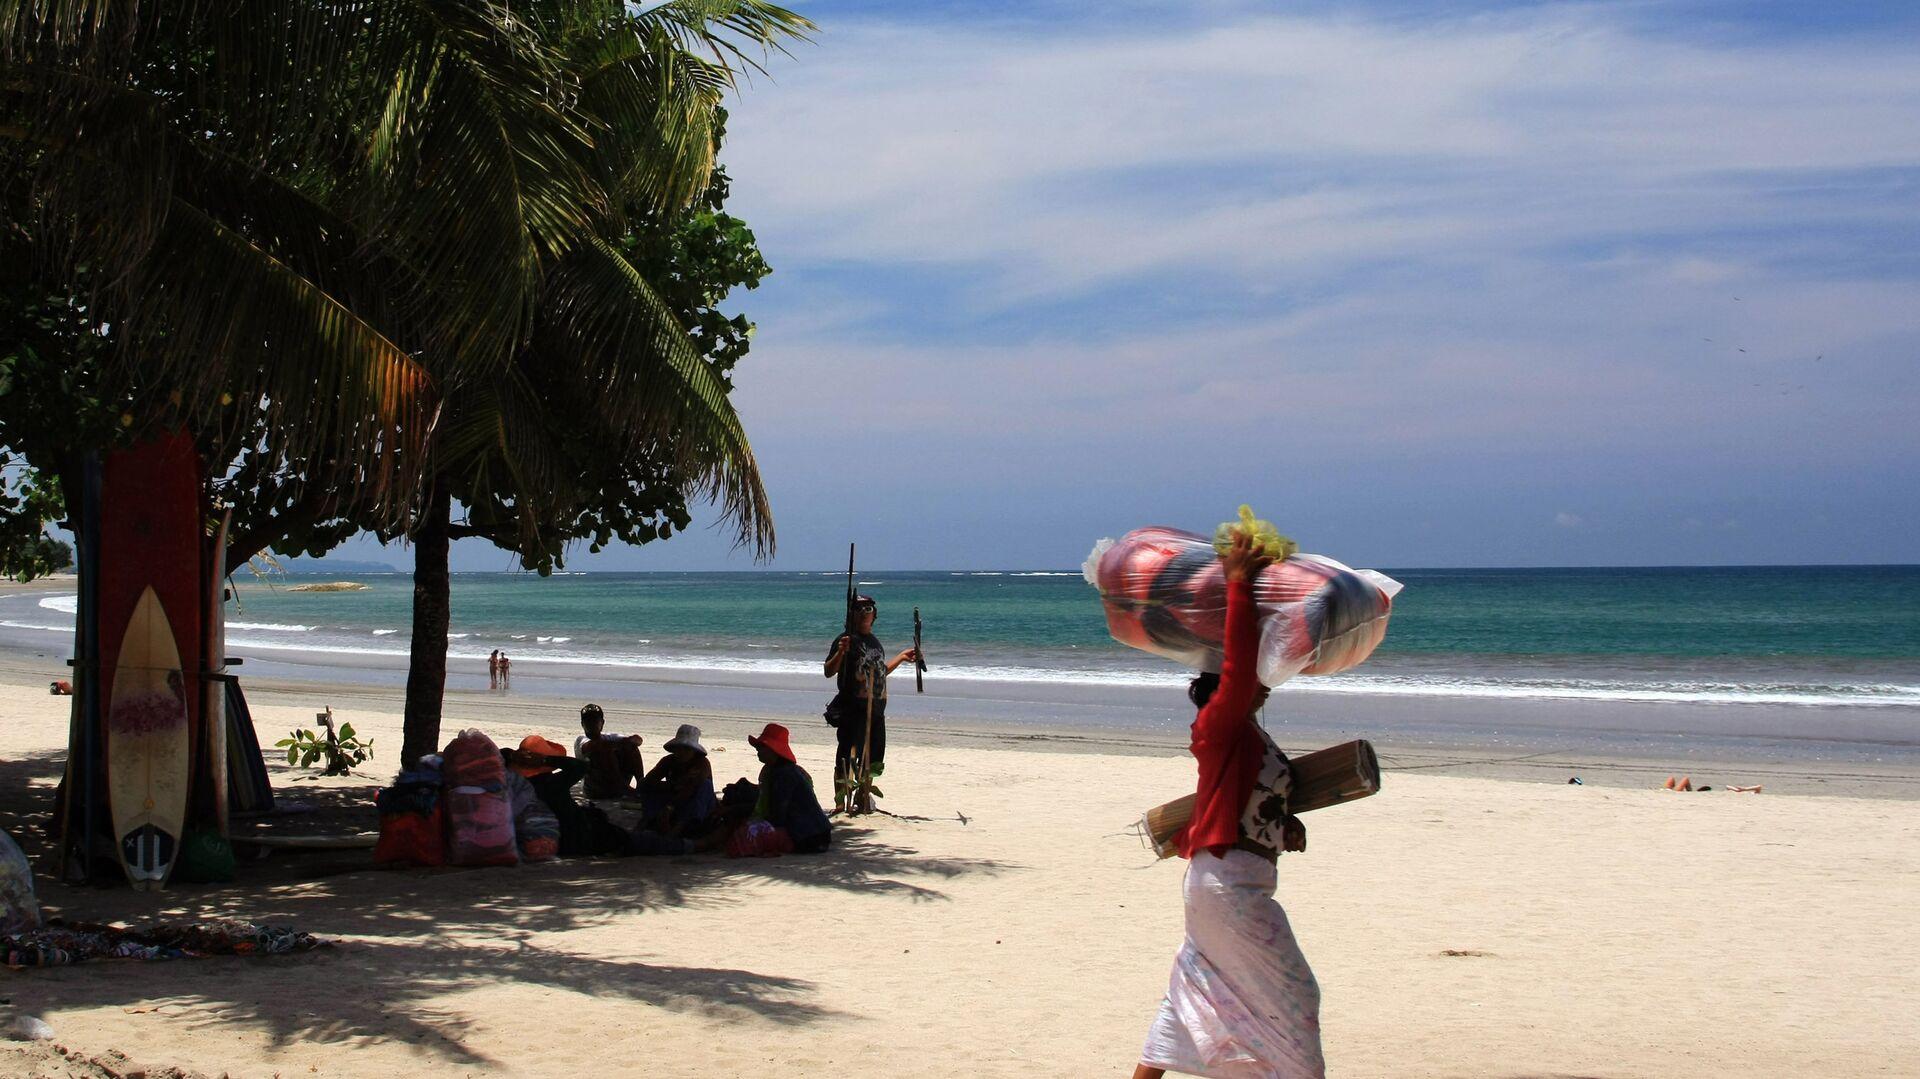 Пляж Кута на острове Бали - РИА Новости, 1920, 22.02.2020